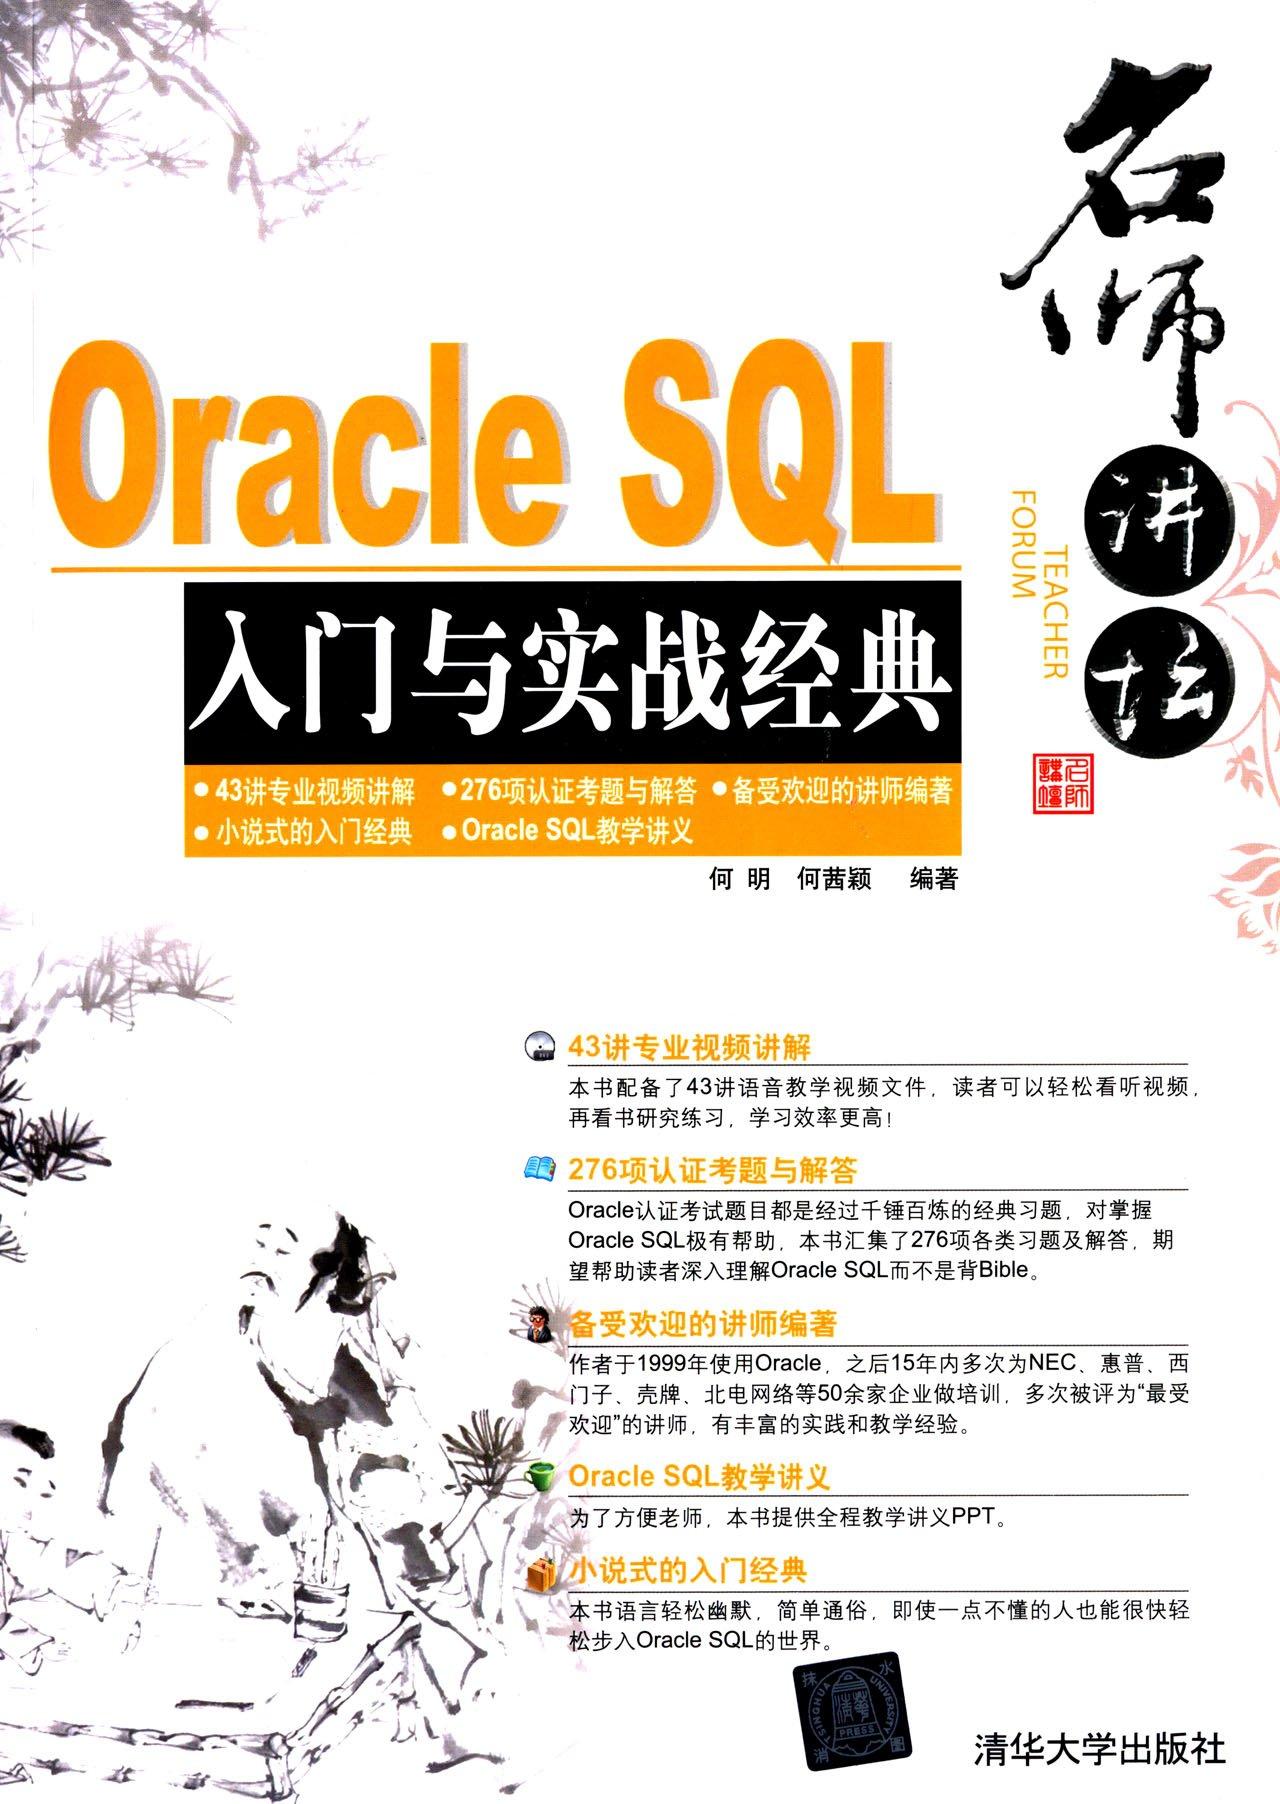 【清华社直发】Oracle SQL入门与实战经典 附光盘 名师讲坛 程序开发 软件开发 变量和类型 查询数据表